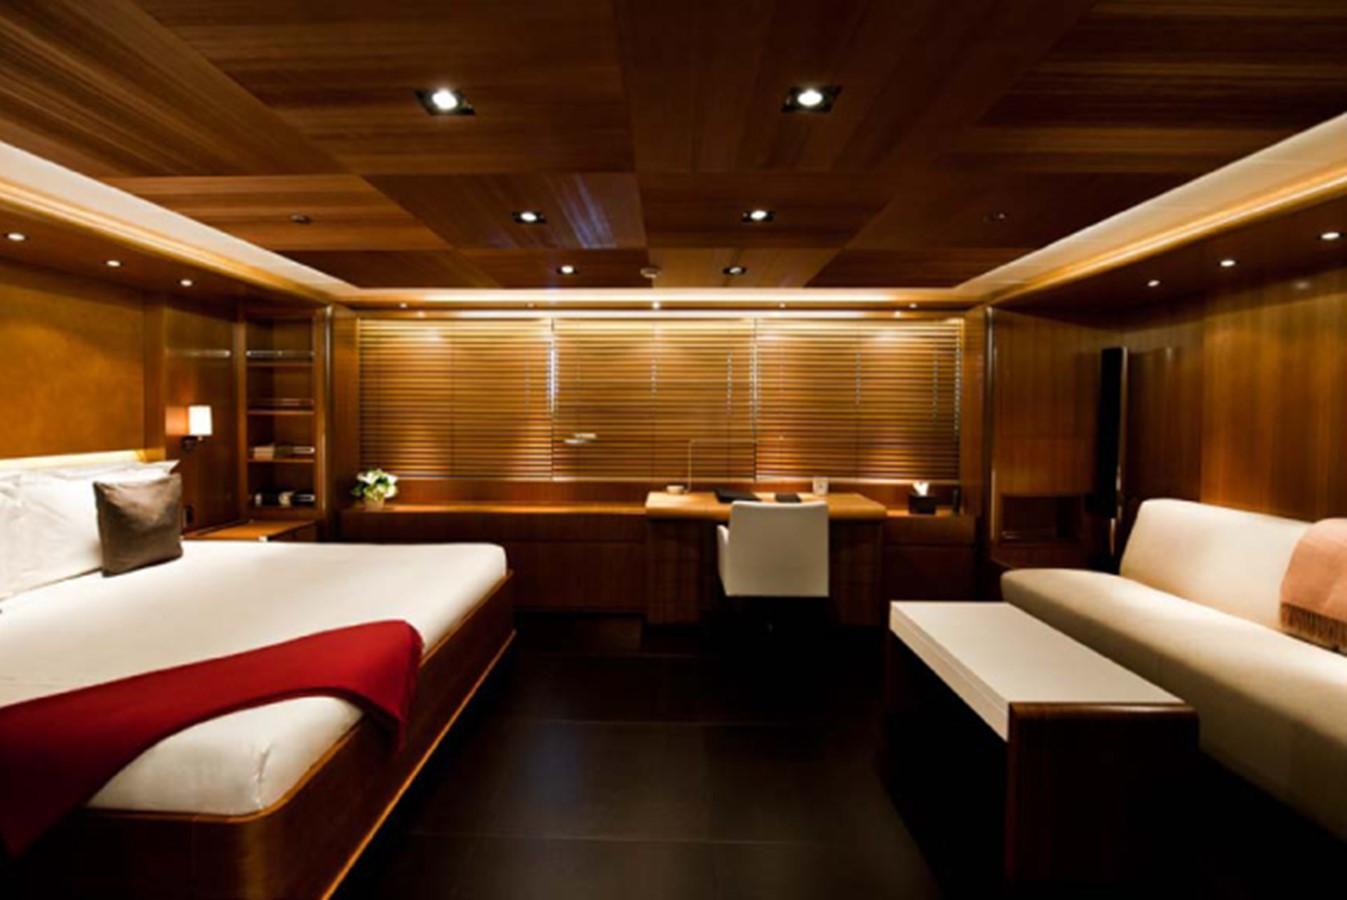 Master Stateroom - 183 PERINI NAVI For Sale